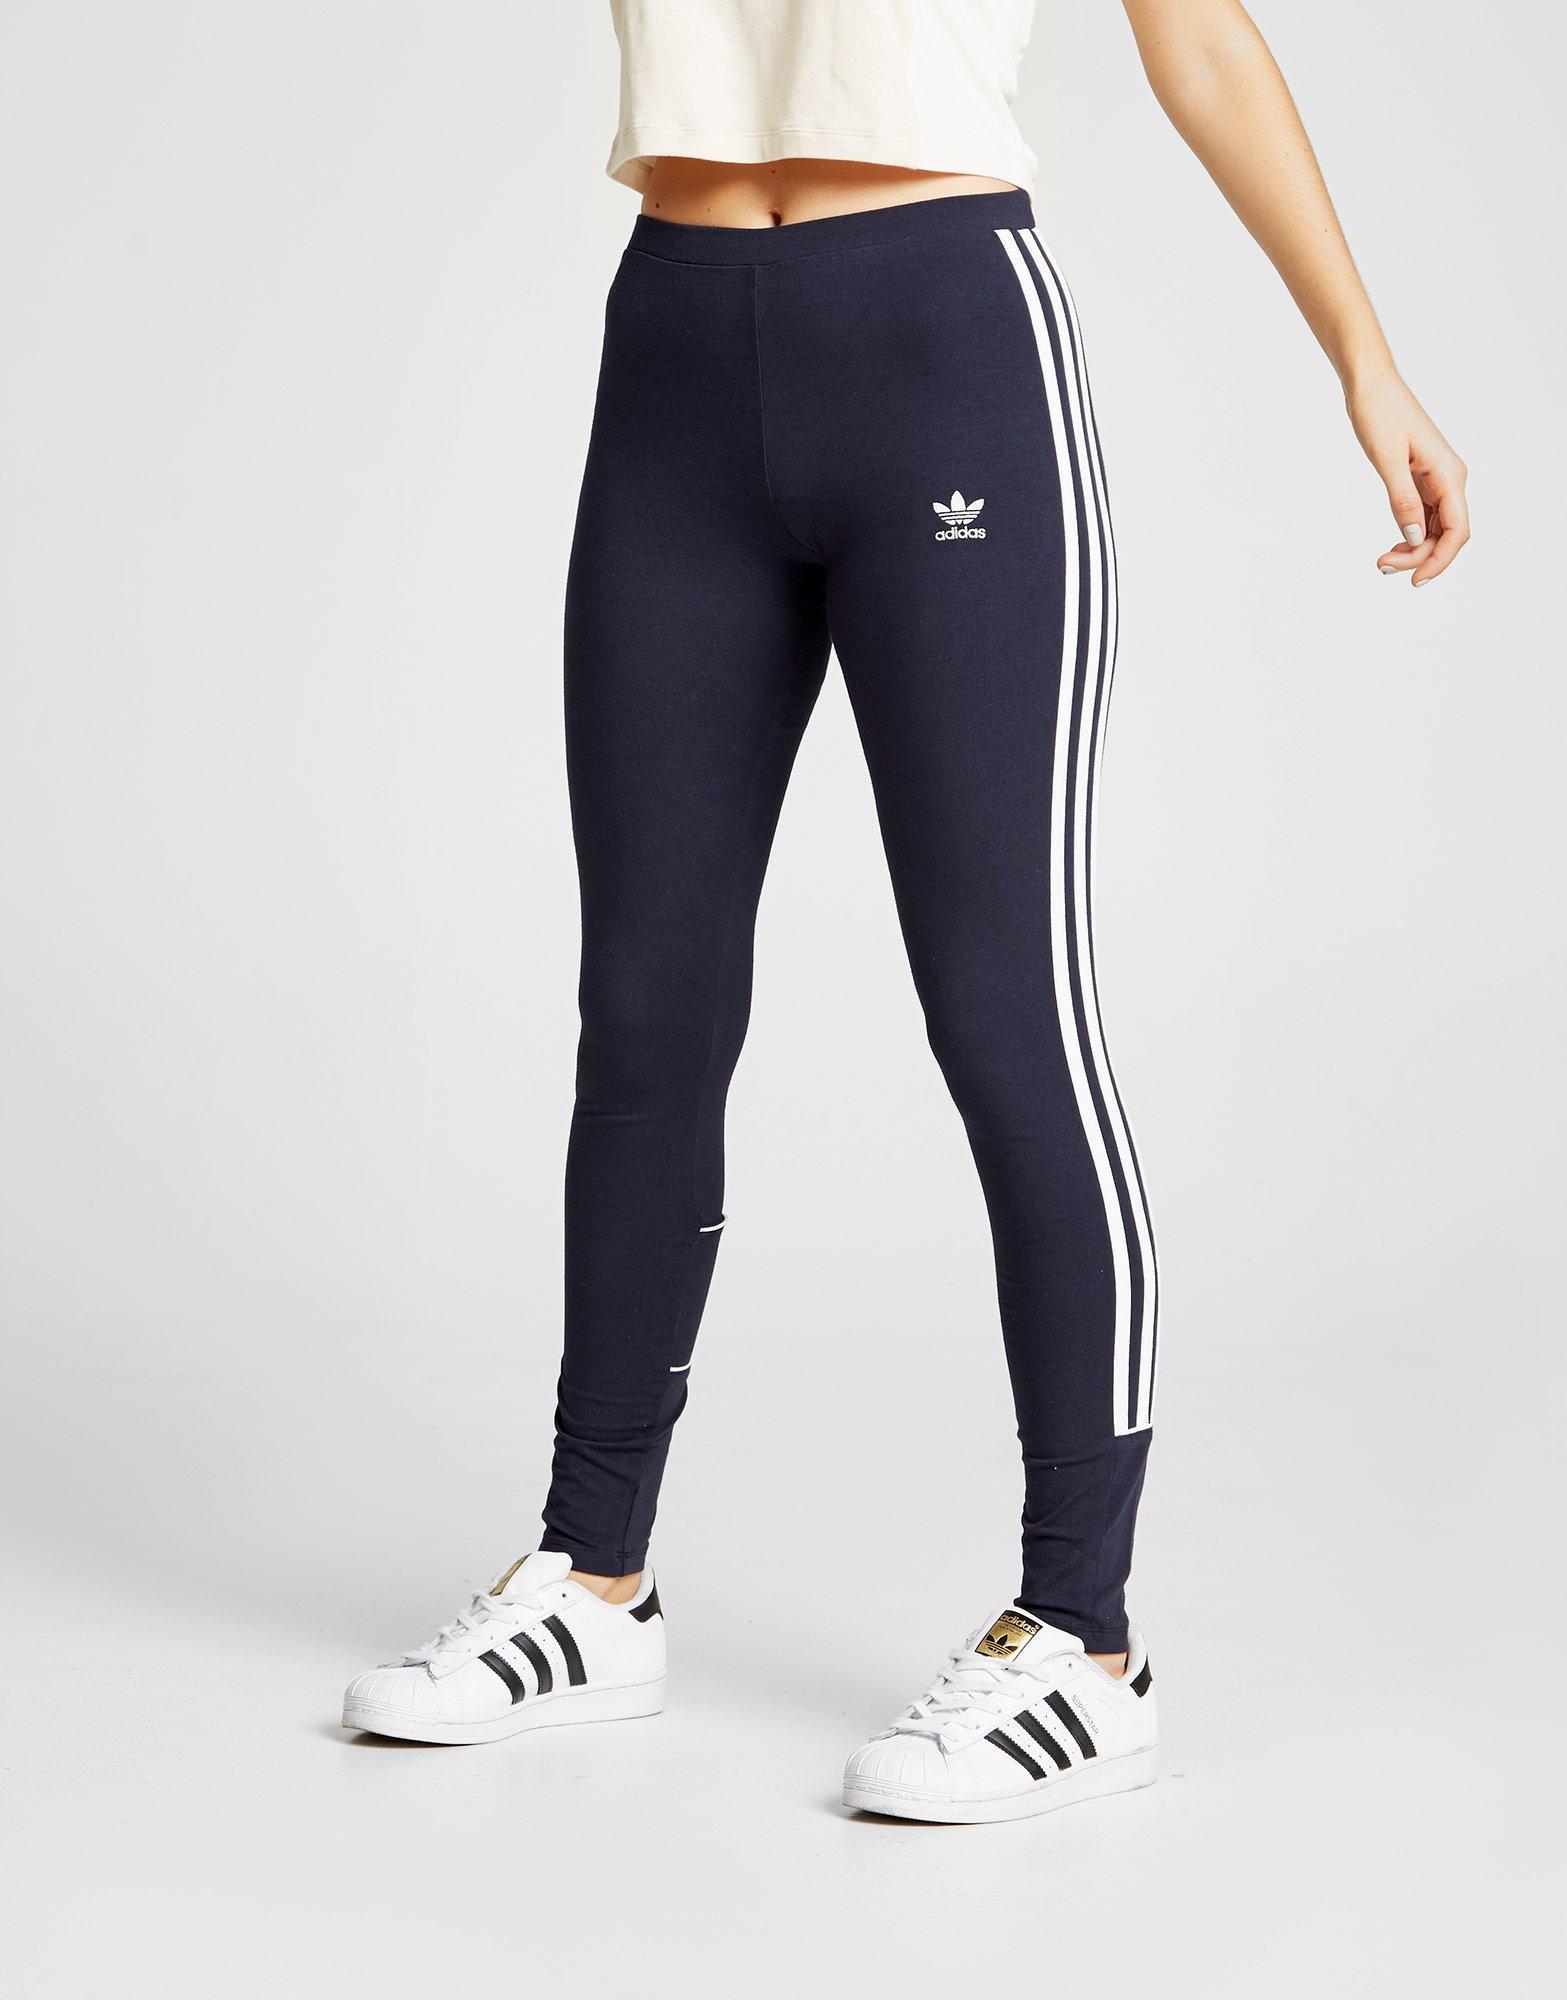 adidas 3 stripes piping leggings